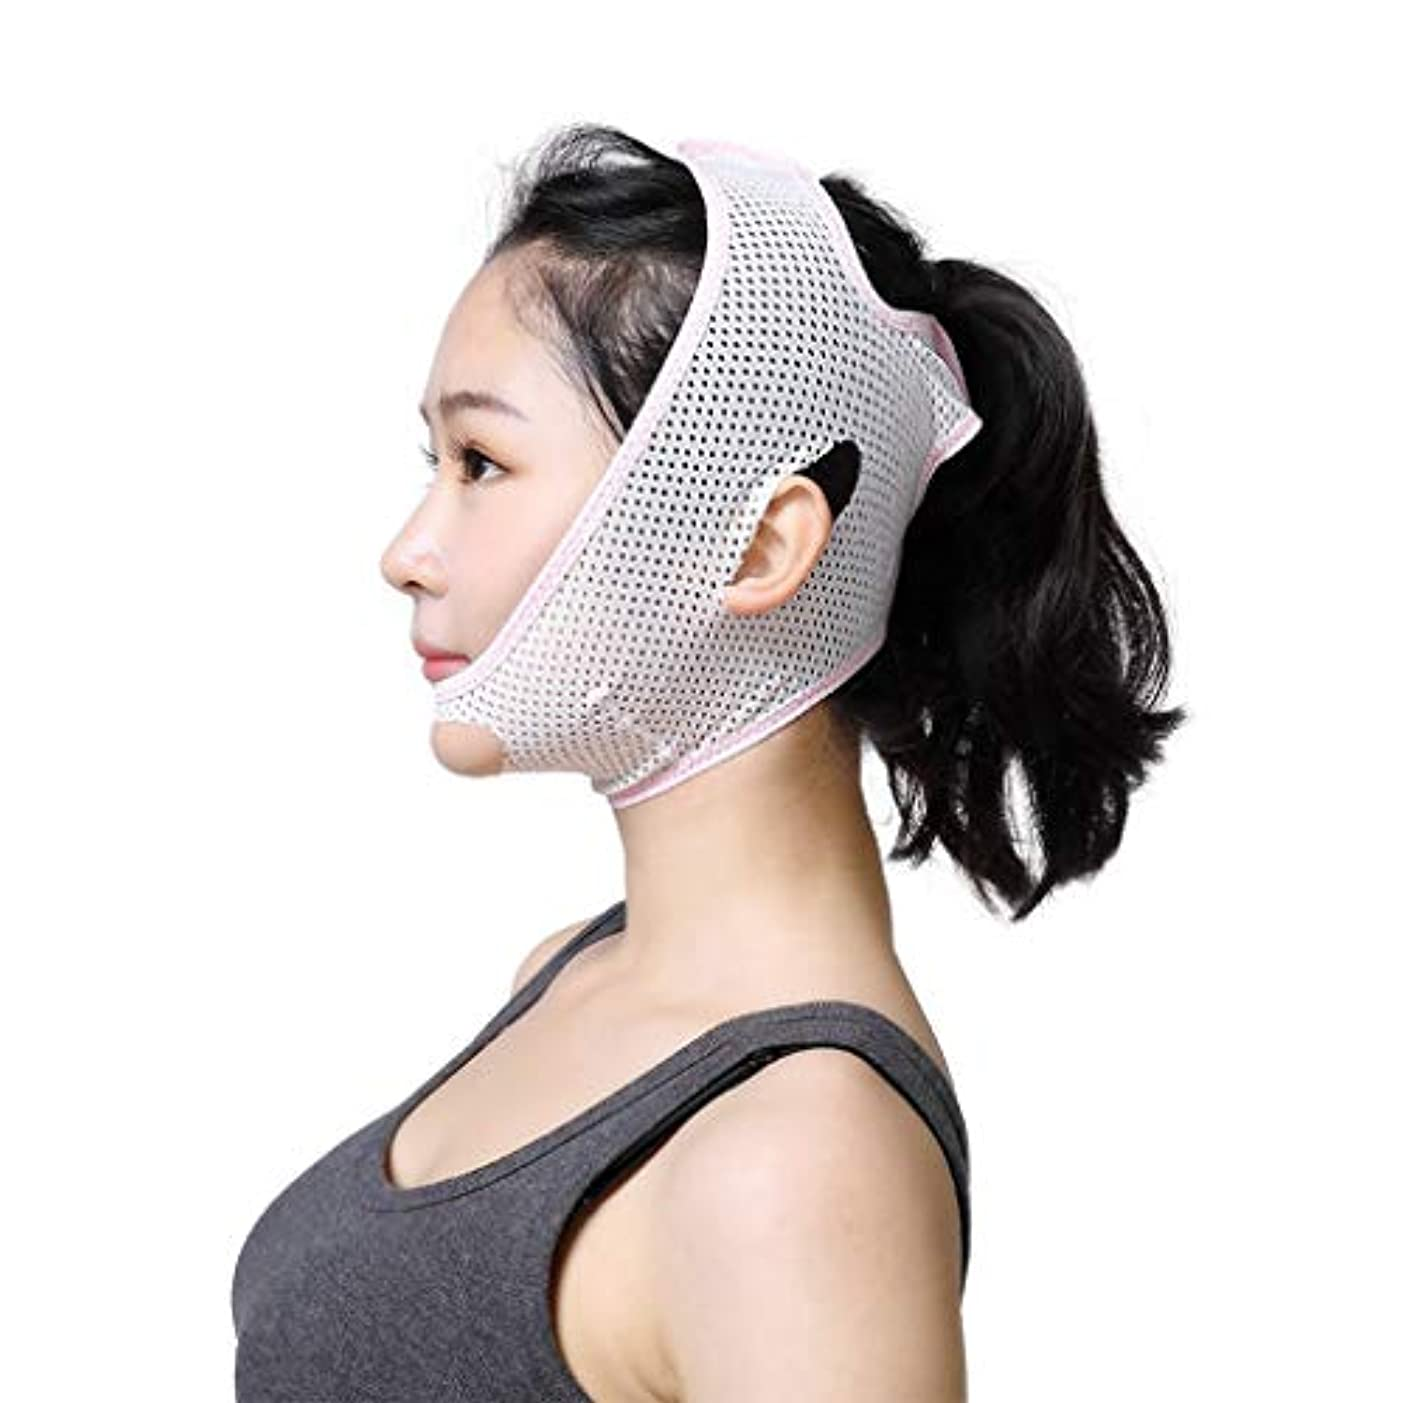 フレッシュ評議会通り顔の減量睡眠包帯顔補正美容マスクダブルあごユニセックスに